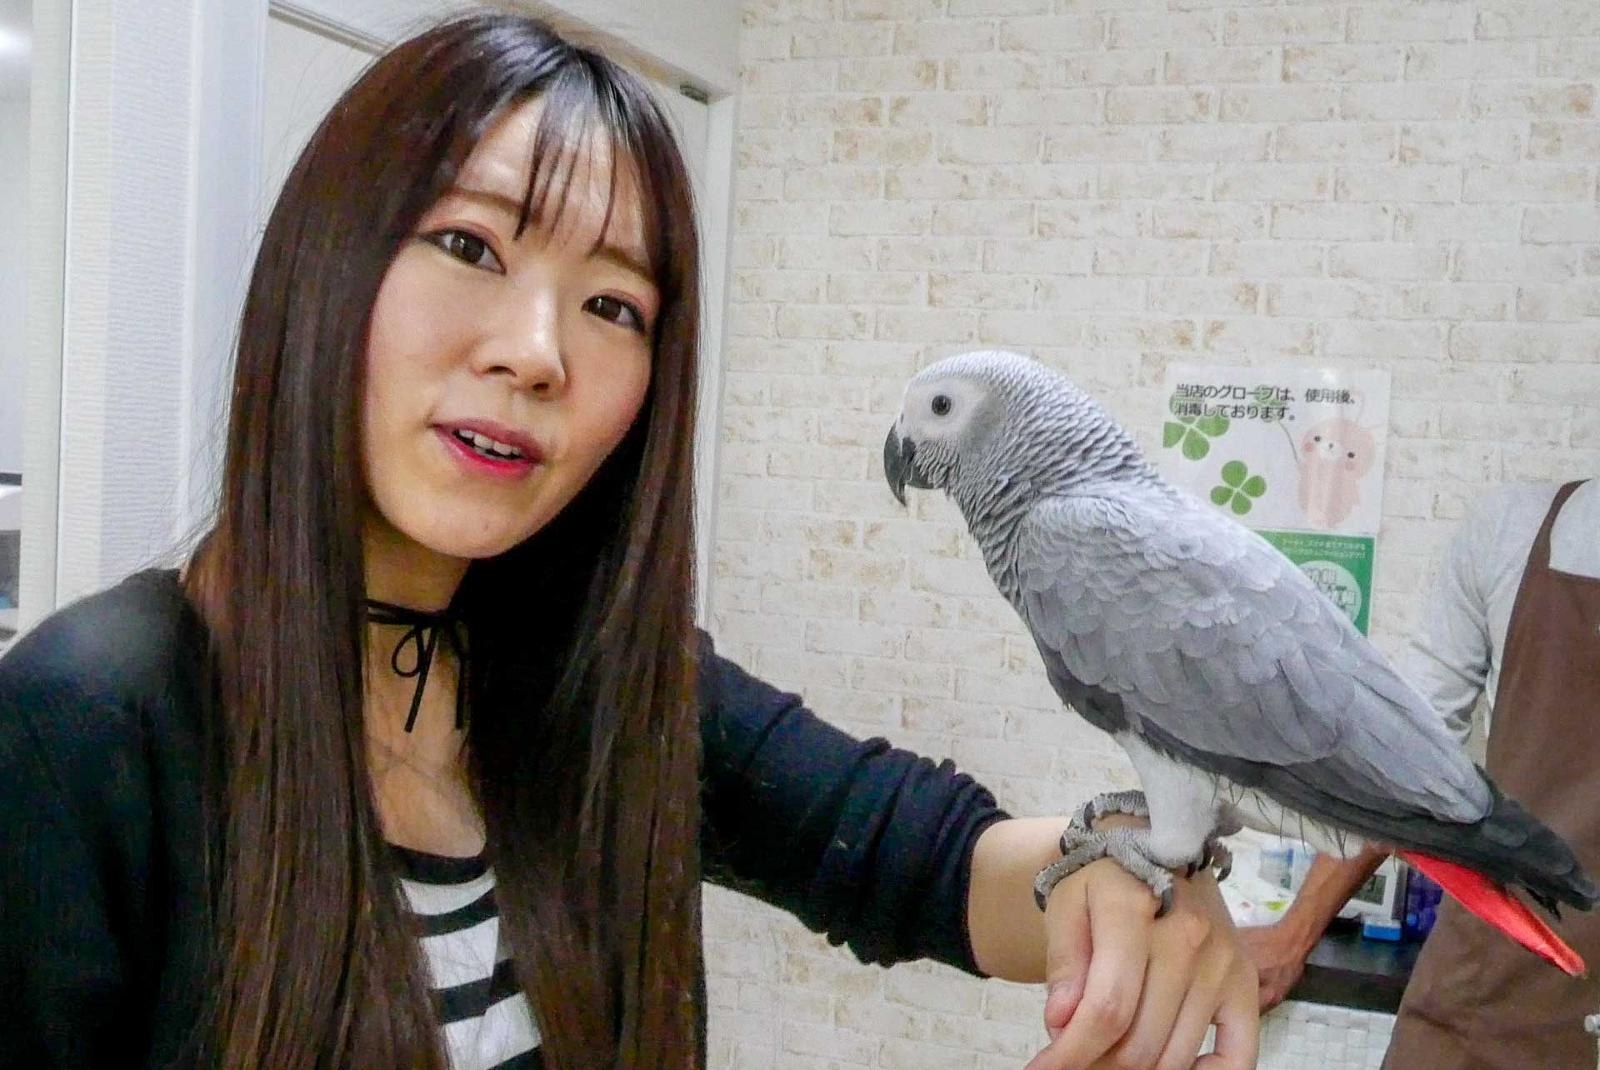 札幌・狸小路でかわいい小動物たちと触れ合う!札幌「あにまるかふぇ」